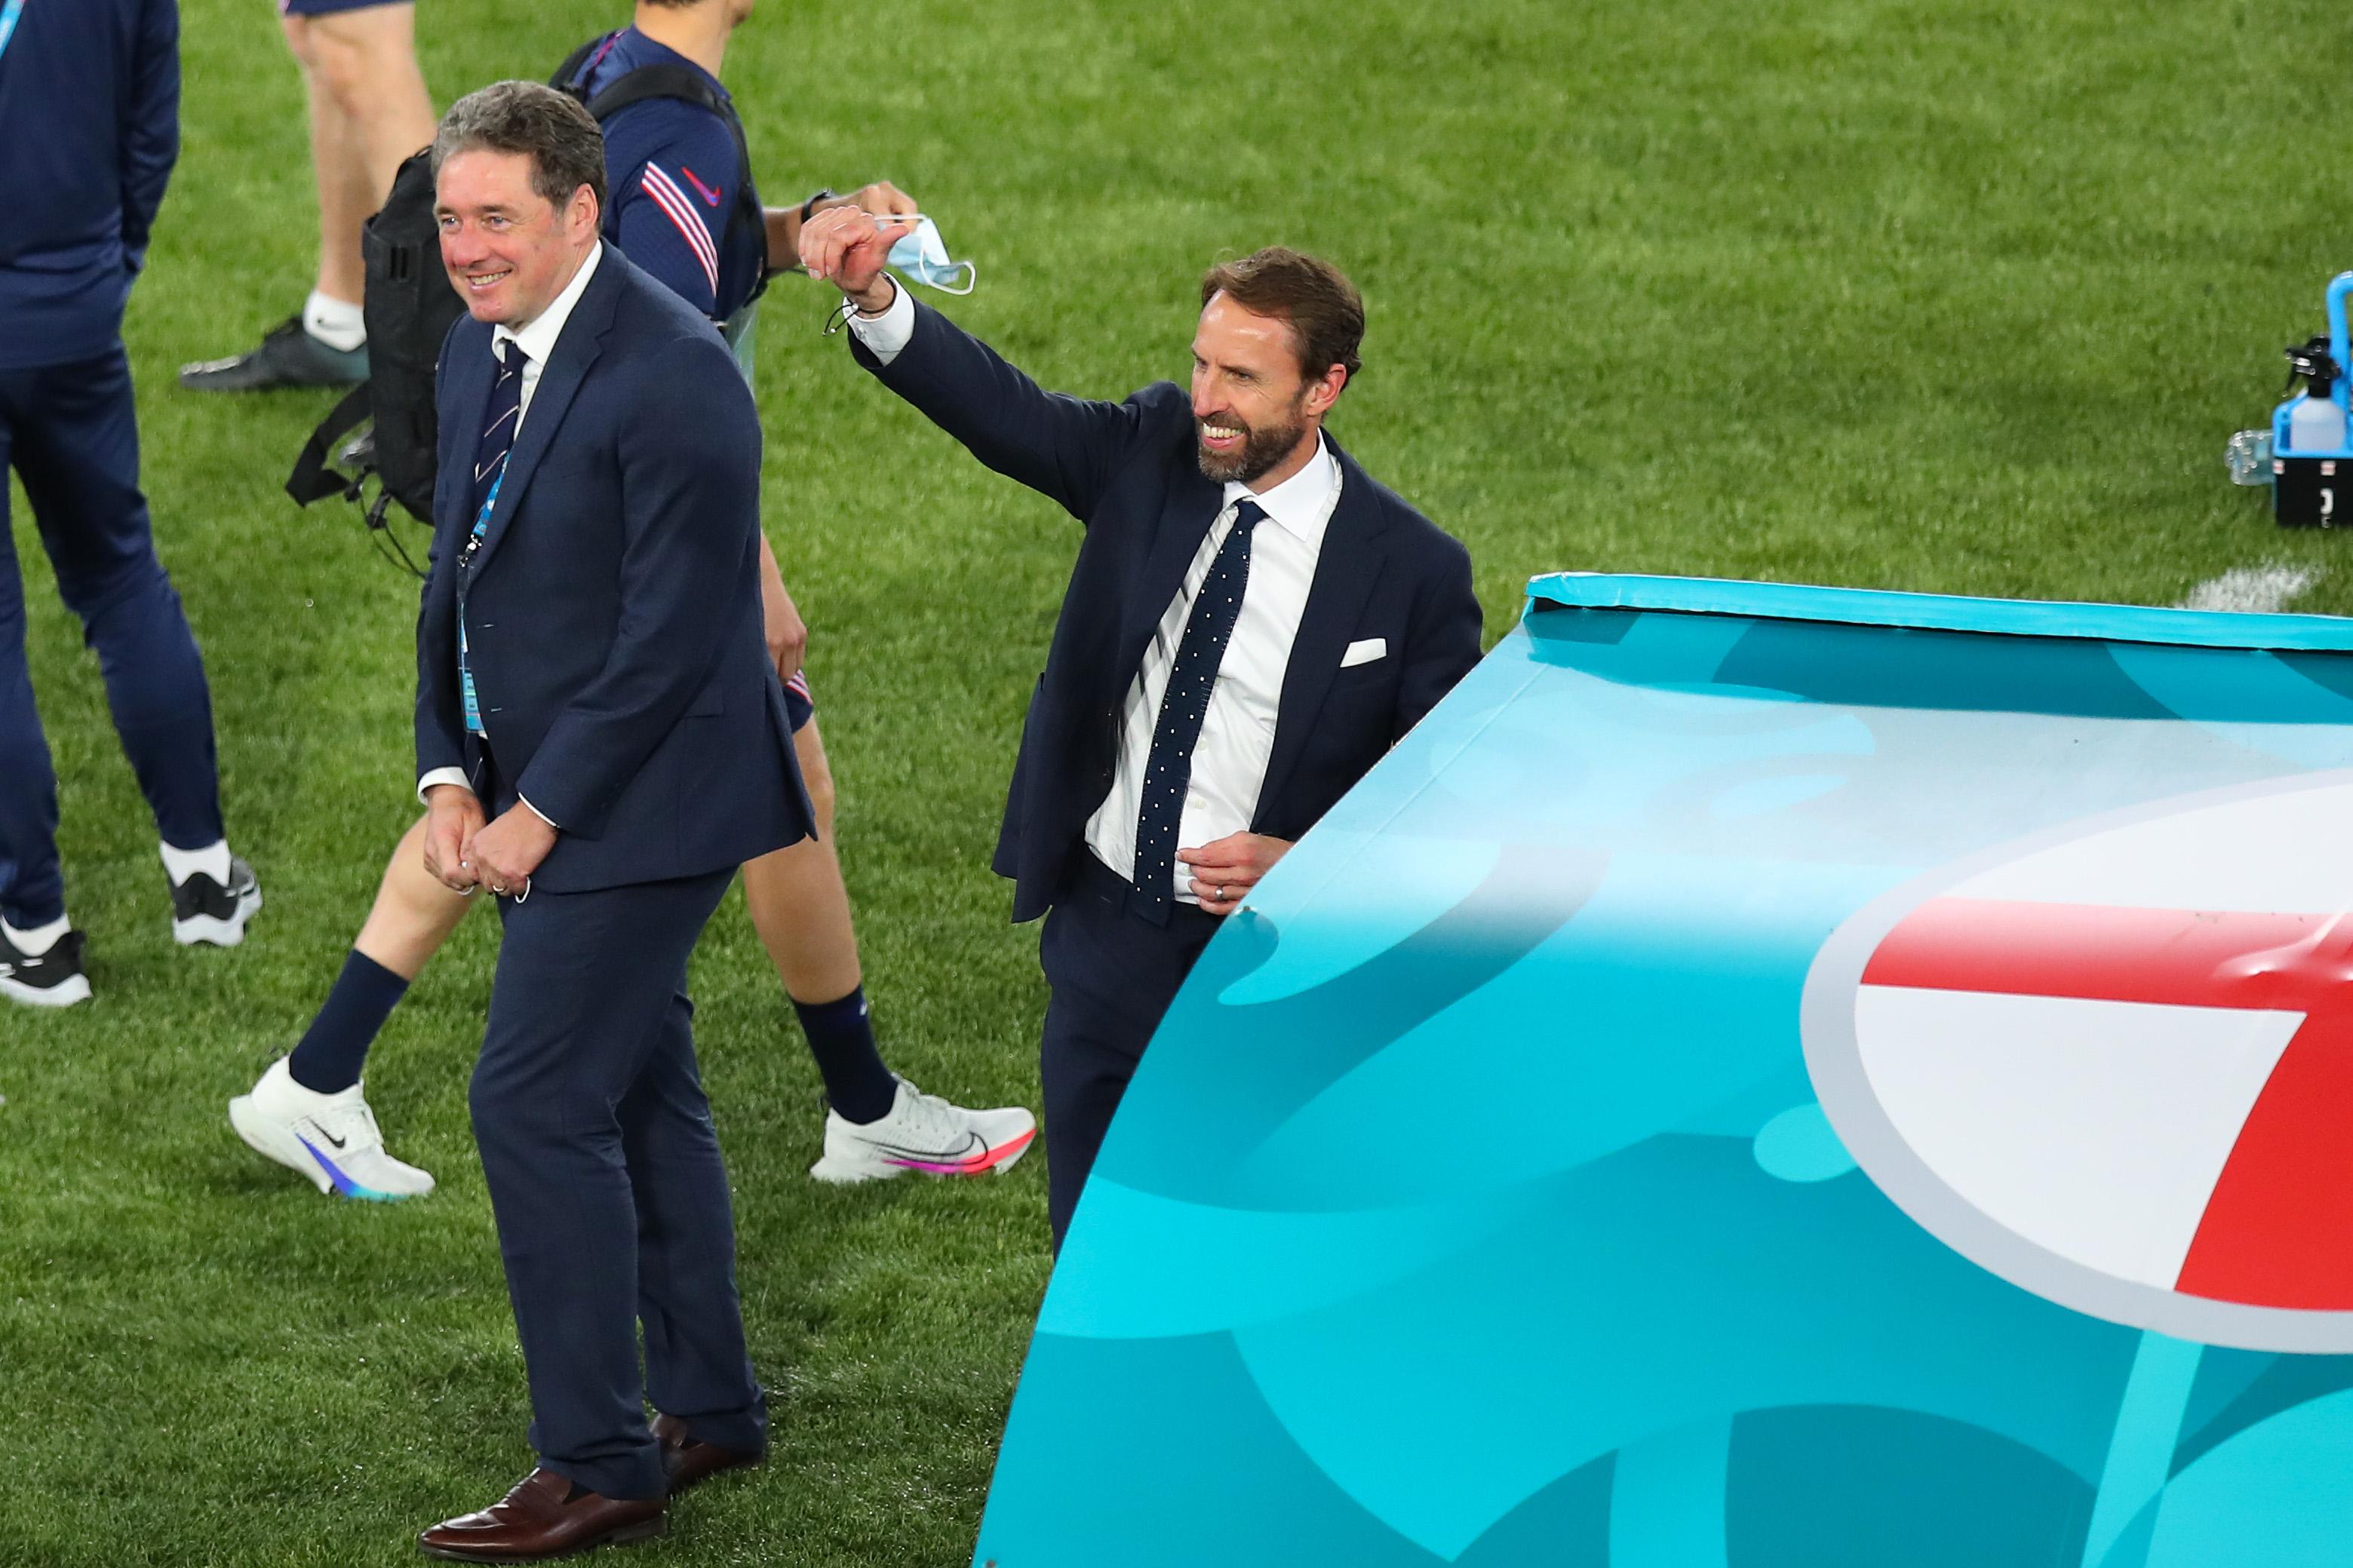 索斯盖特赛后感谢球迷。